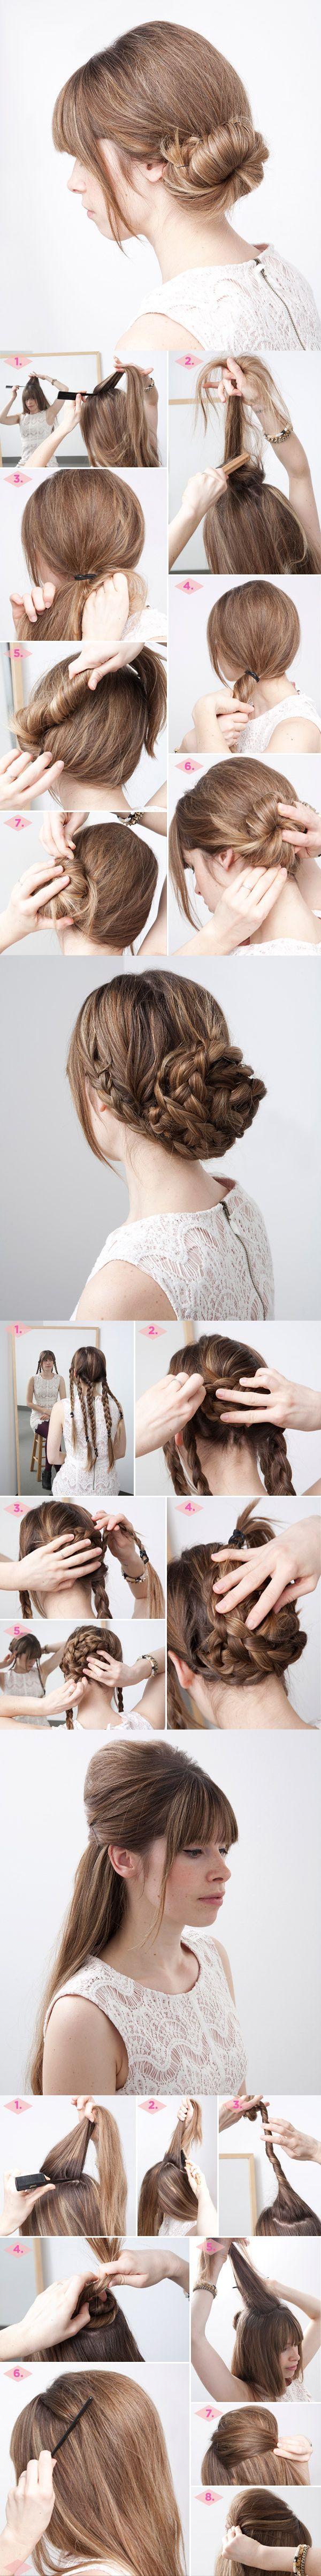 13 Bastante simples penteados bun tutoriais para 2014